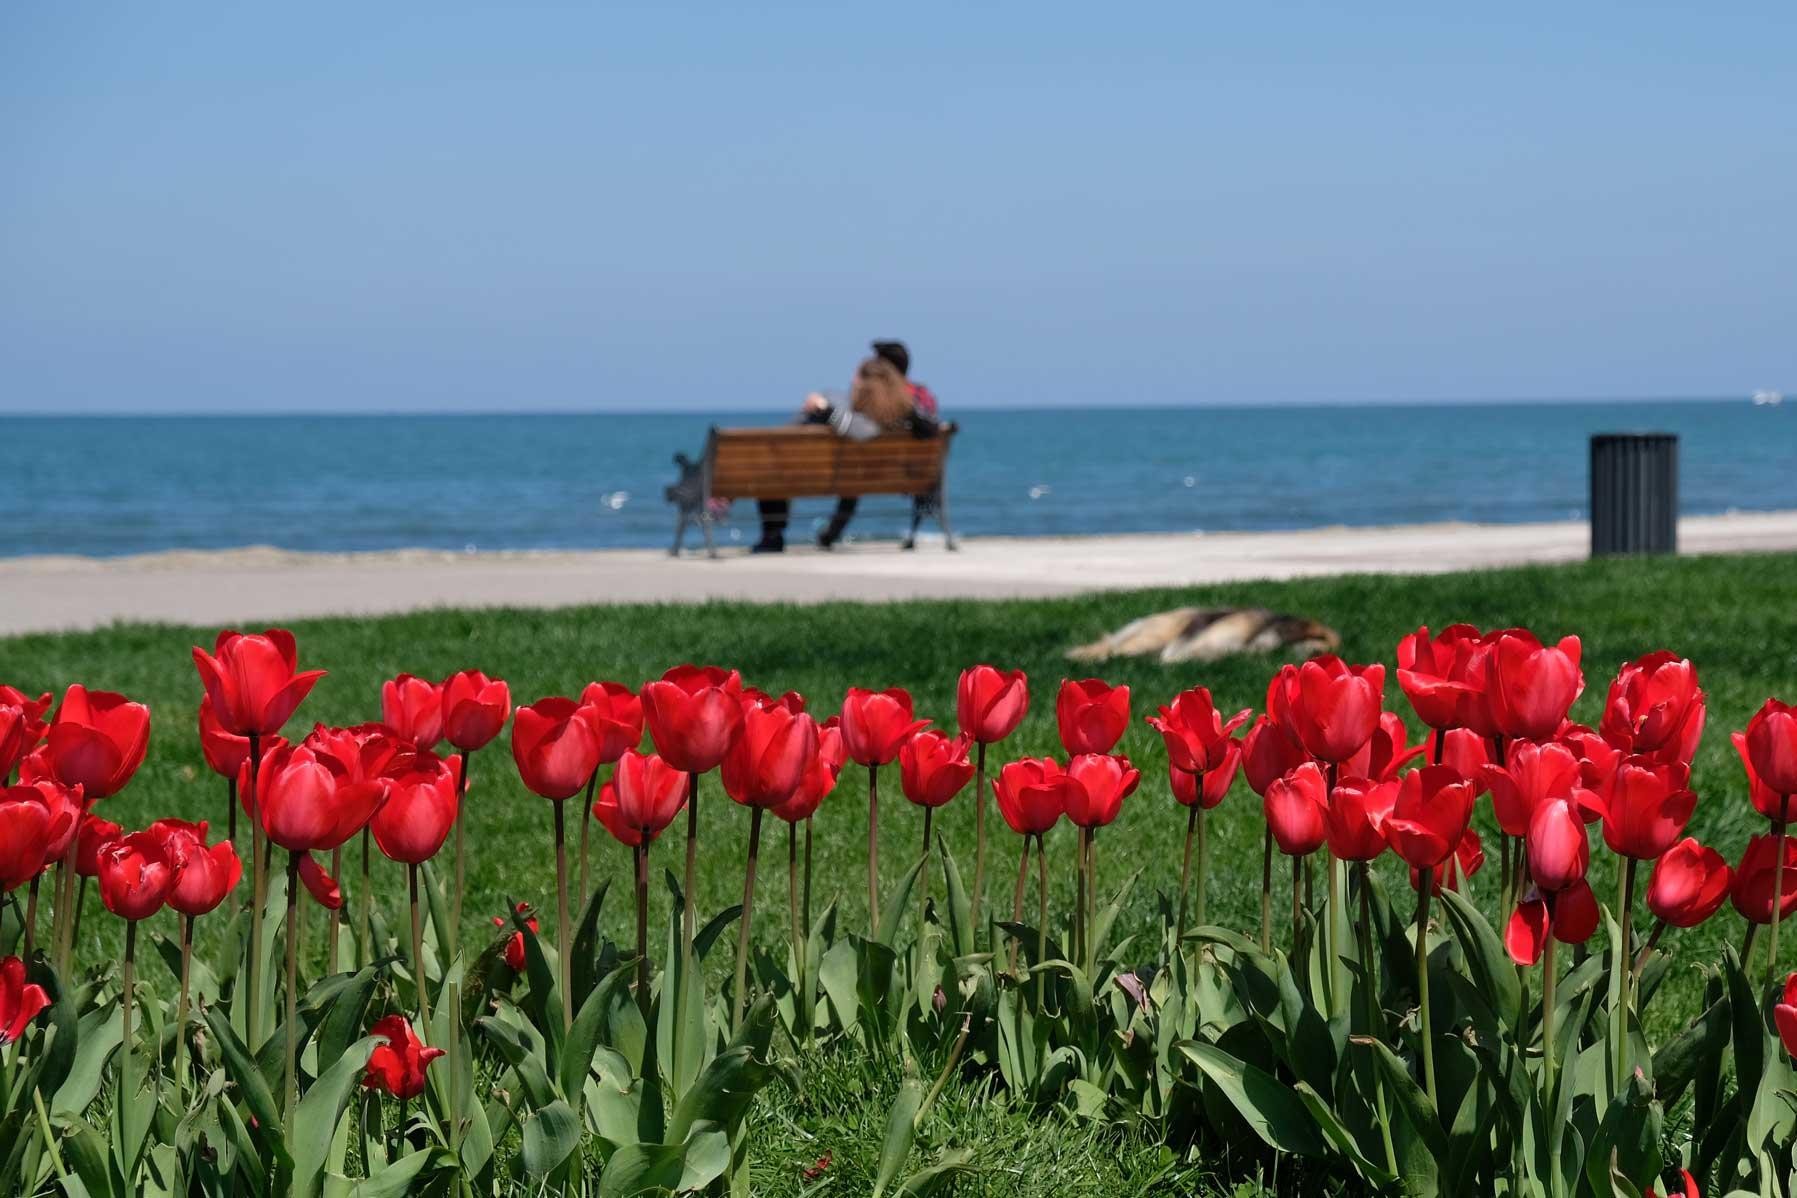 Rote Tulpen auf einer Wiese, im Hintergund eine Bank vor dem Meer